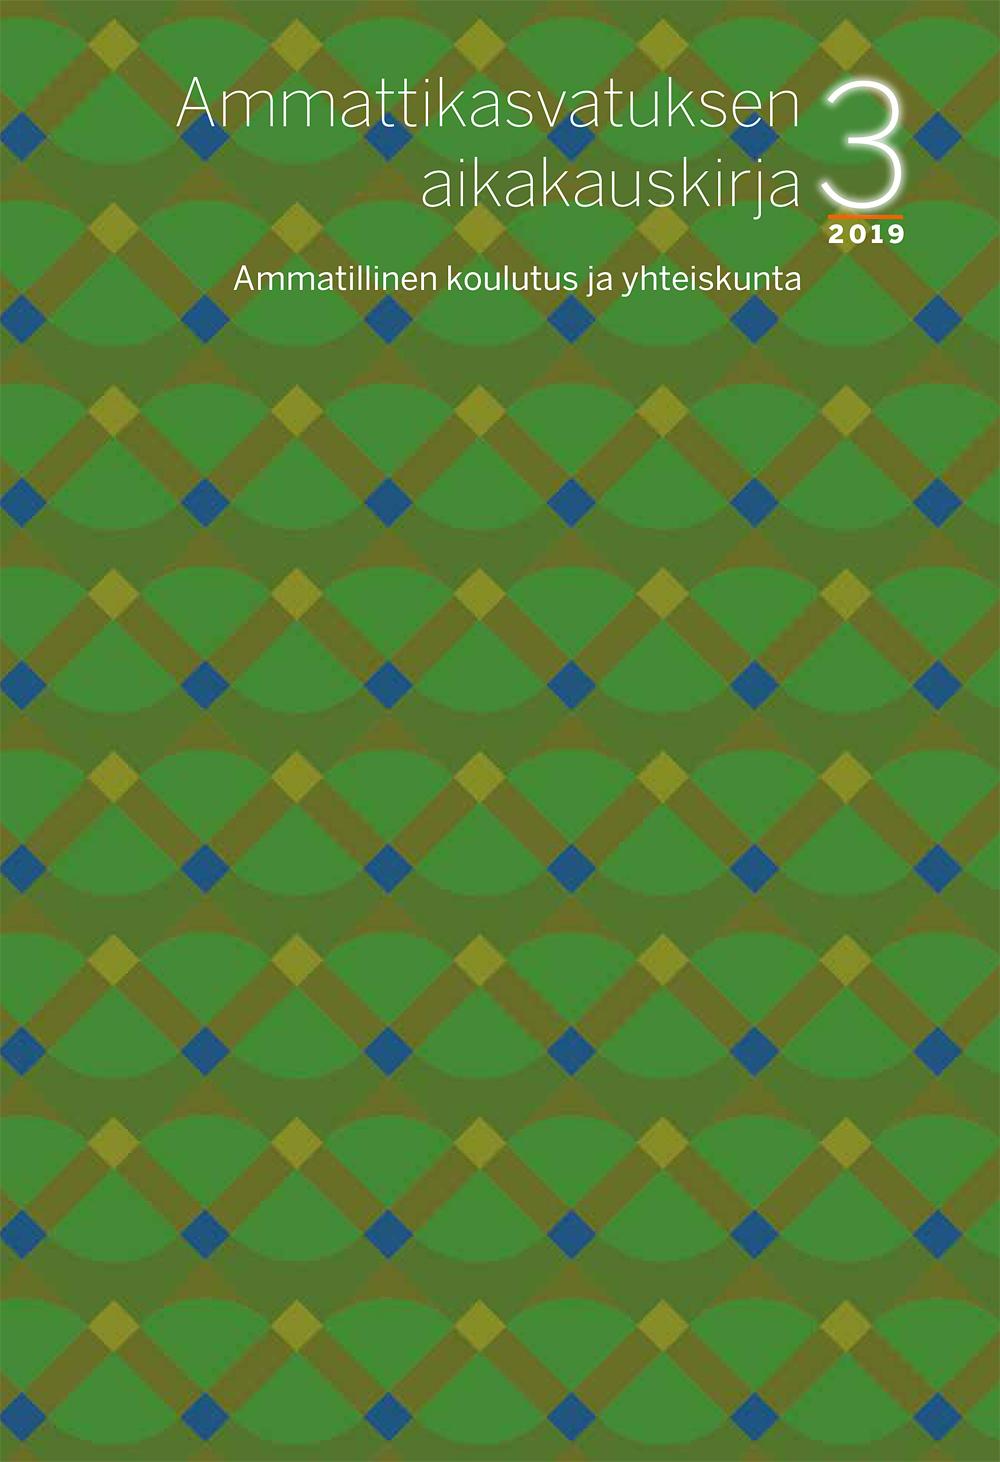 Vol 21 Nro 3 (2019): Ammatillinen koulutus ja yhteiskunta